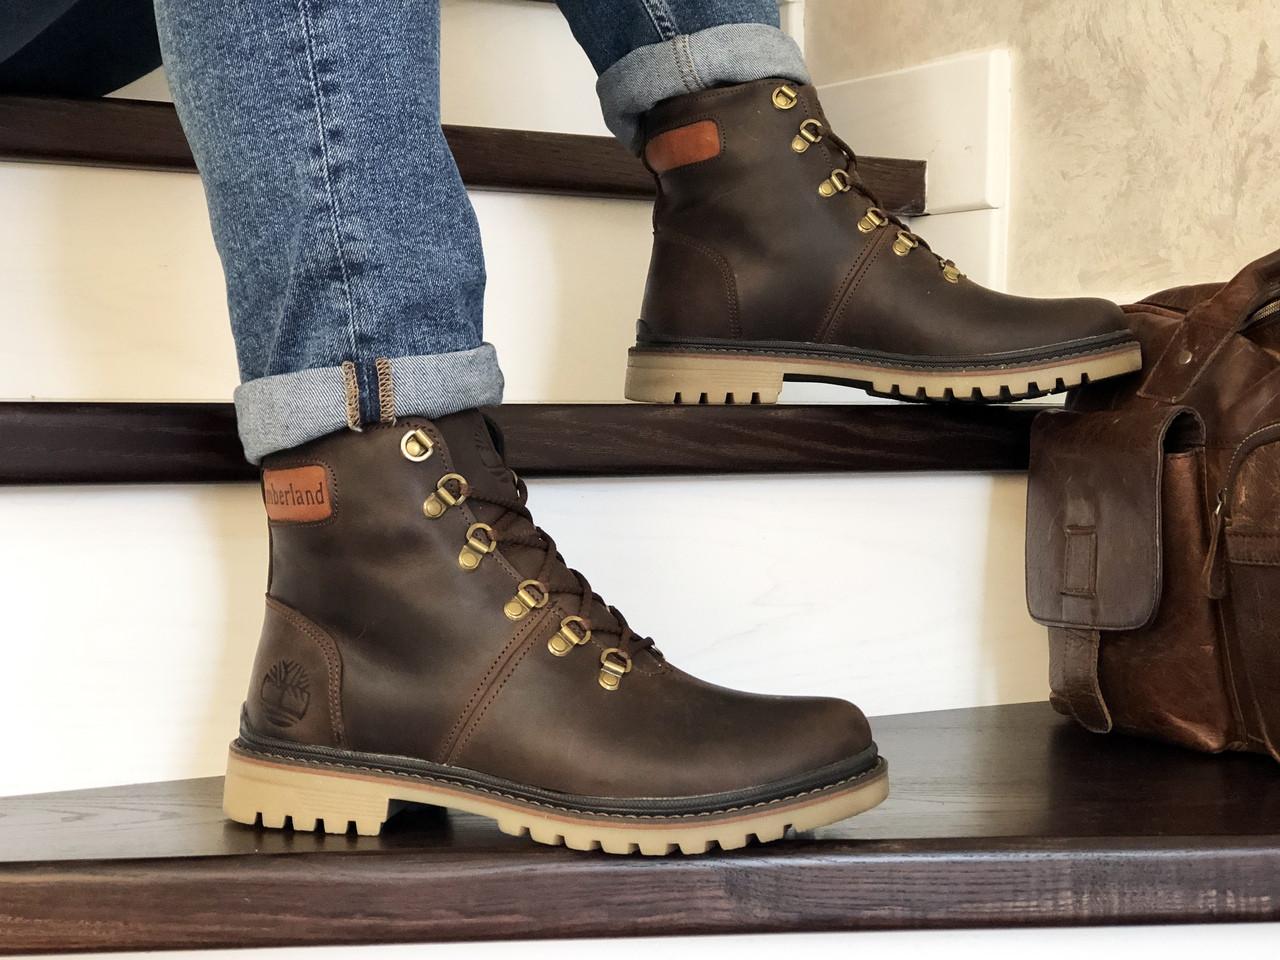 Мужские зимние кожаные ботинки Timberland,Тимберленд,на меху,темно коричневые